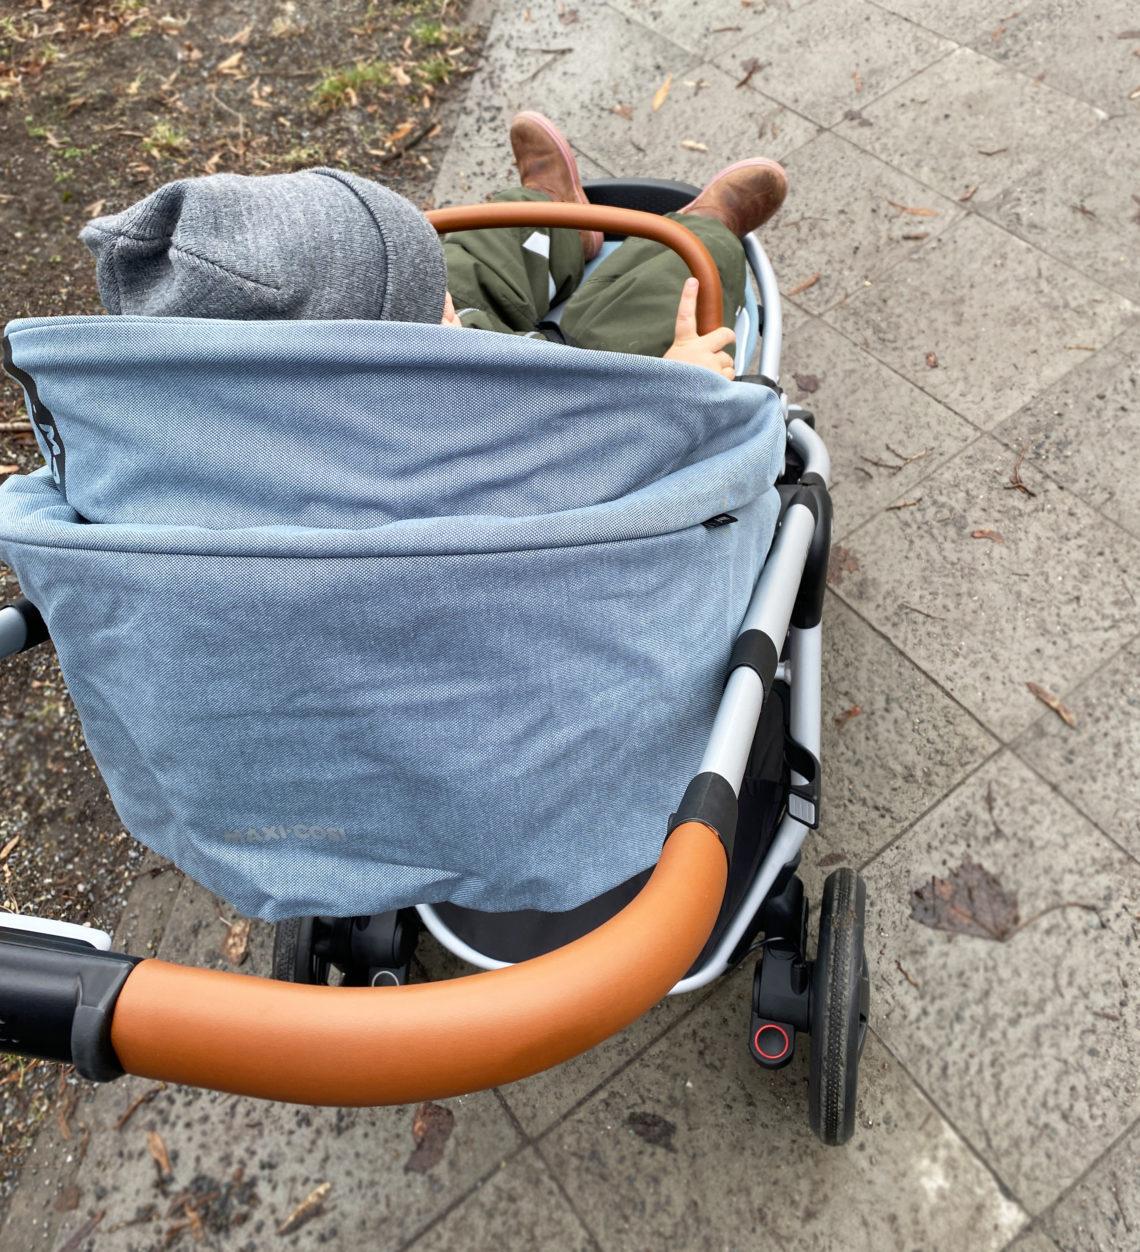 adorra fahren 1140x1252 - Maxi-Cosi Adorra Kinderwagen